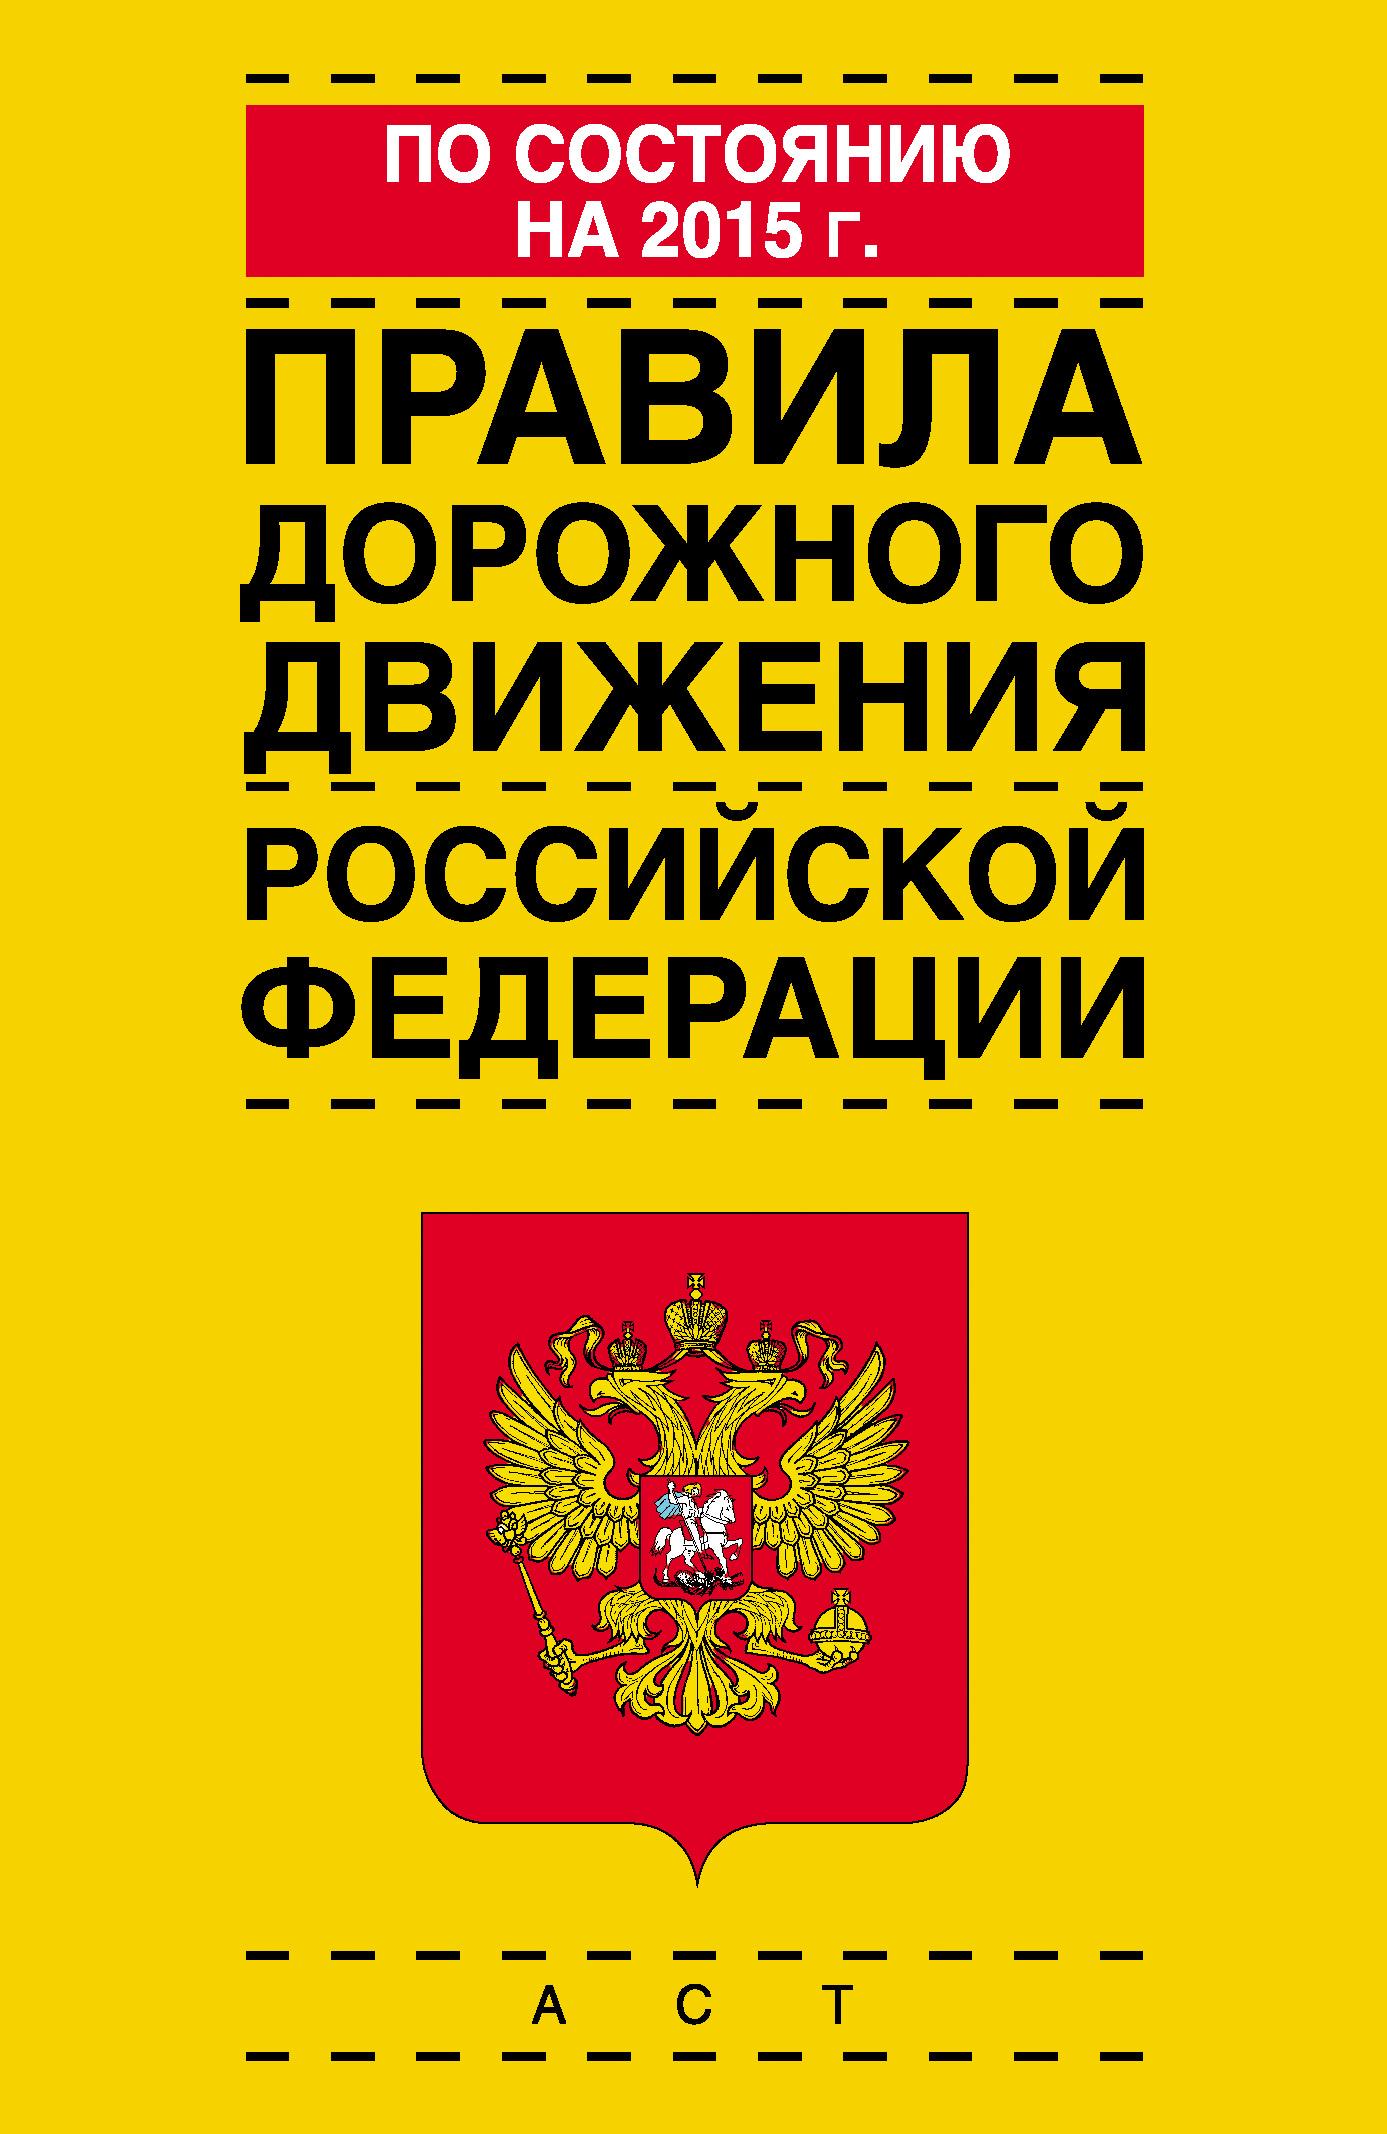 все цены на Коллектив авторов Правила дорожного движения Российской Федерации по состоянию на 2015 г. онлайн